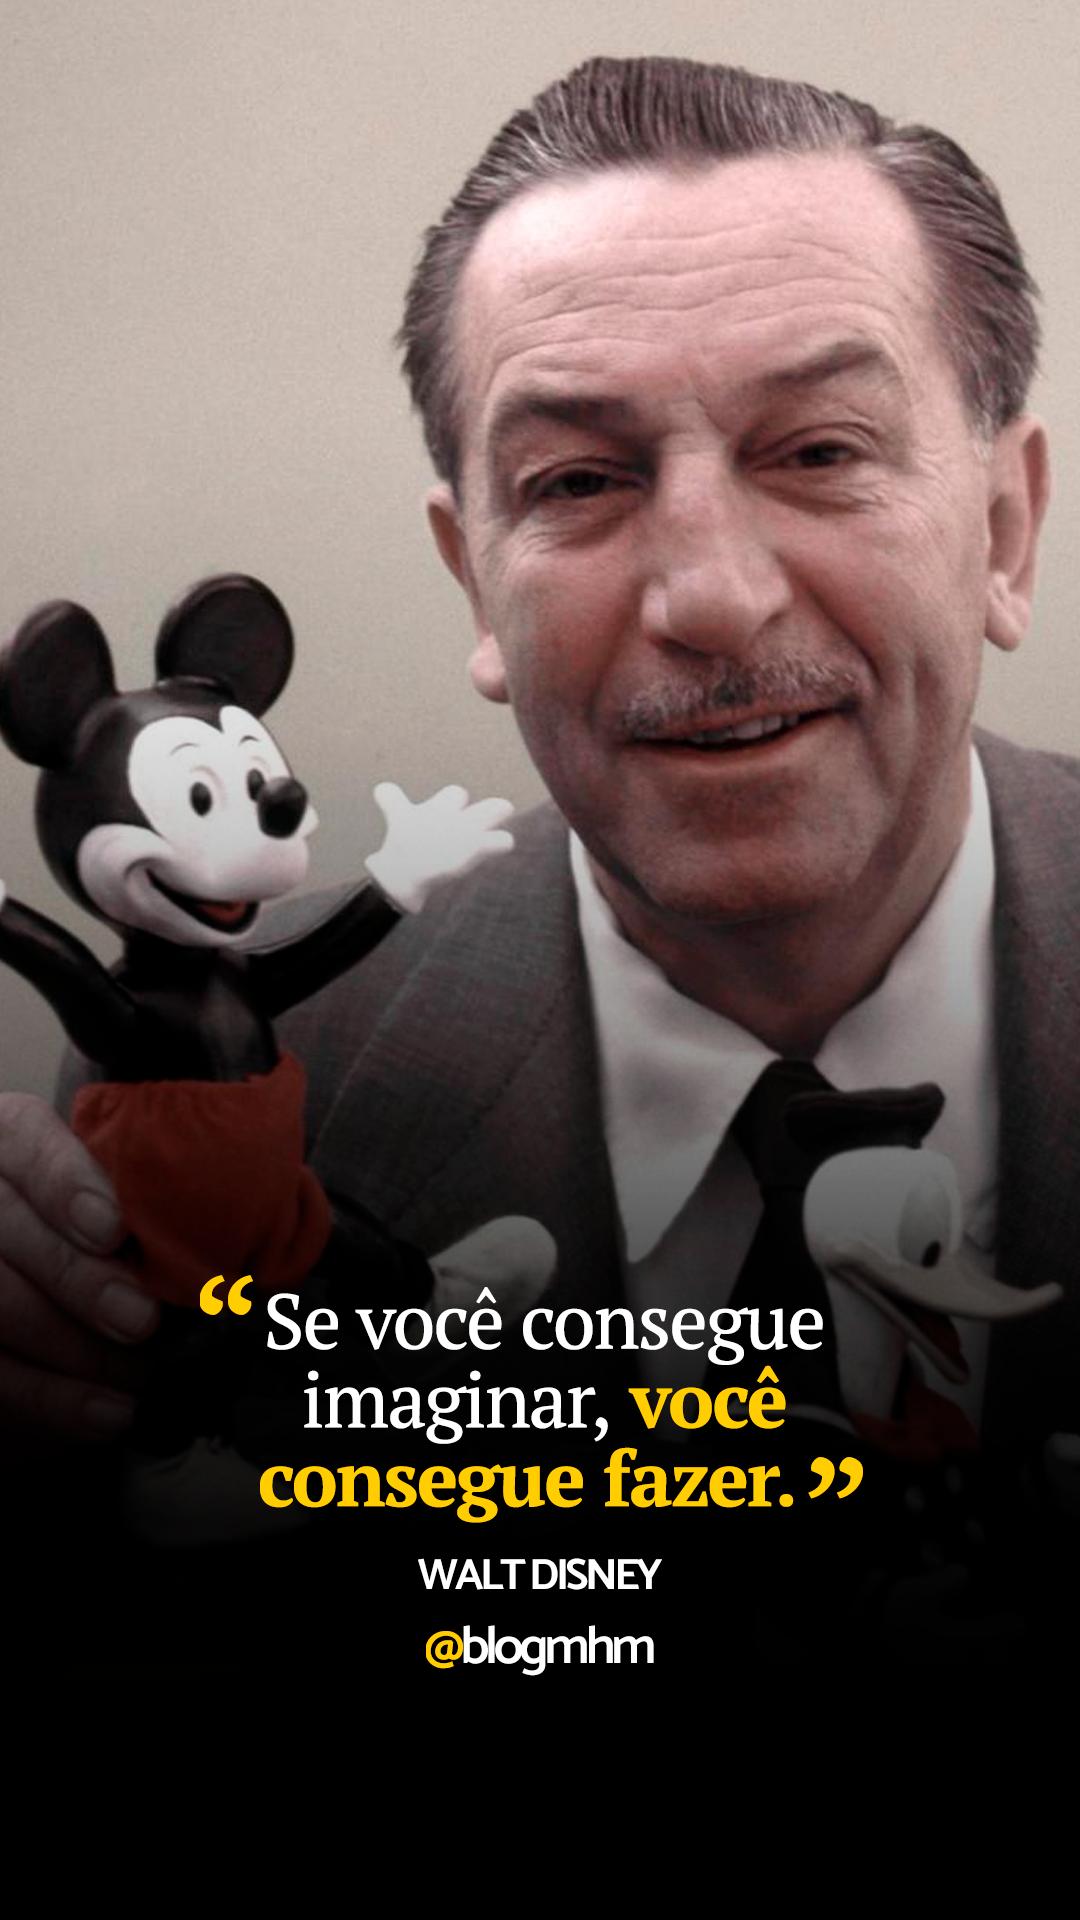 Frase Motivacional De Walt Disney Sobre Imaginar E Realizar Os Seus Sonhos Frases De Motivação Frases Inpactantes Frases Inspiracionais